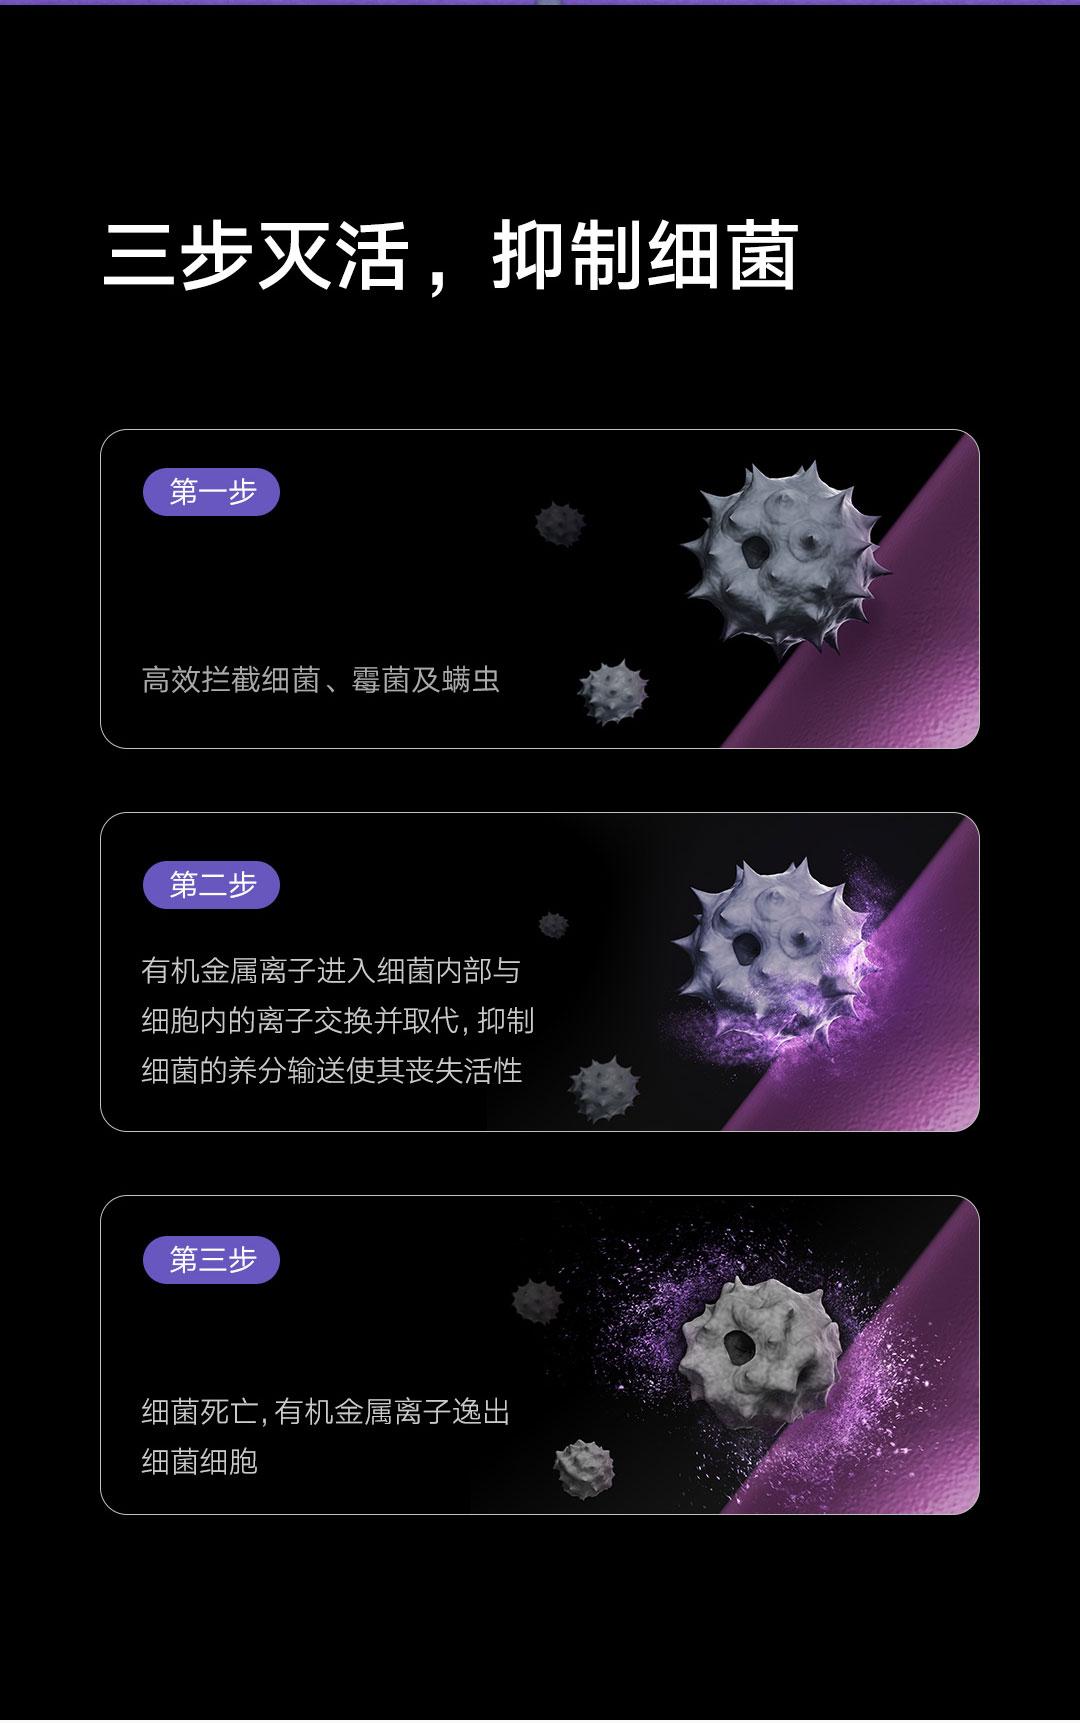 product_奇妙_米家空气净化器滤芯